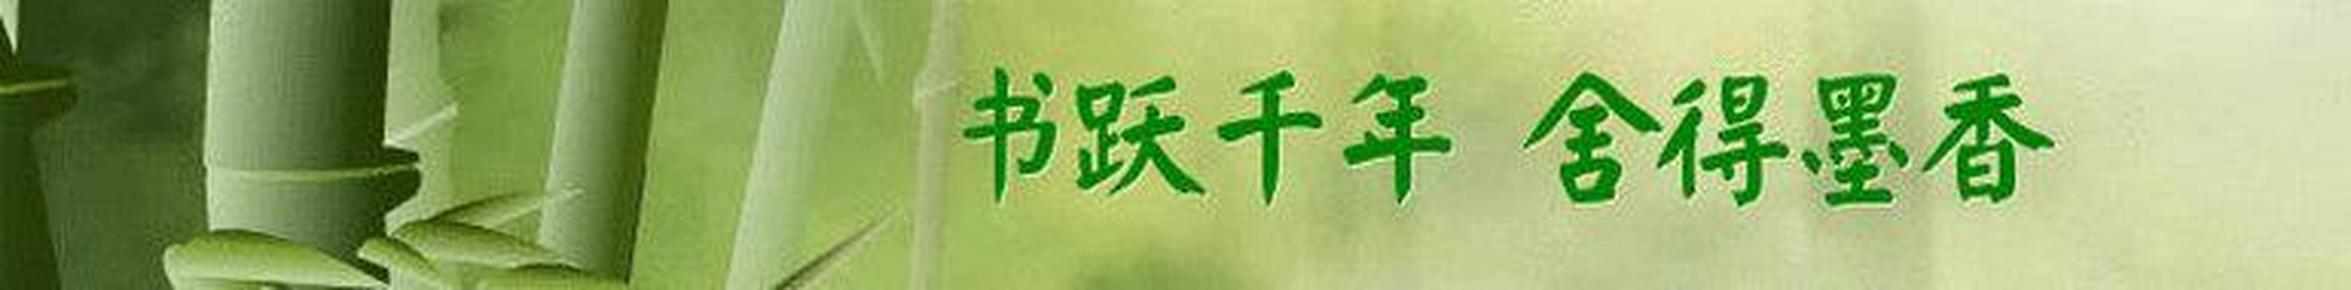 《历代名人小简续编·卷上》,(闽侯)吴曾祺编,商务印书馆出版,民国早期石印本,竹纸线装,总计86页。